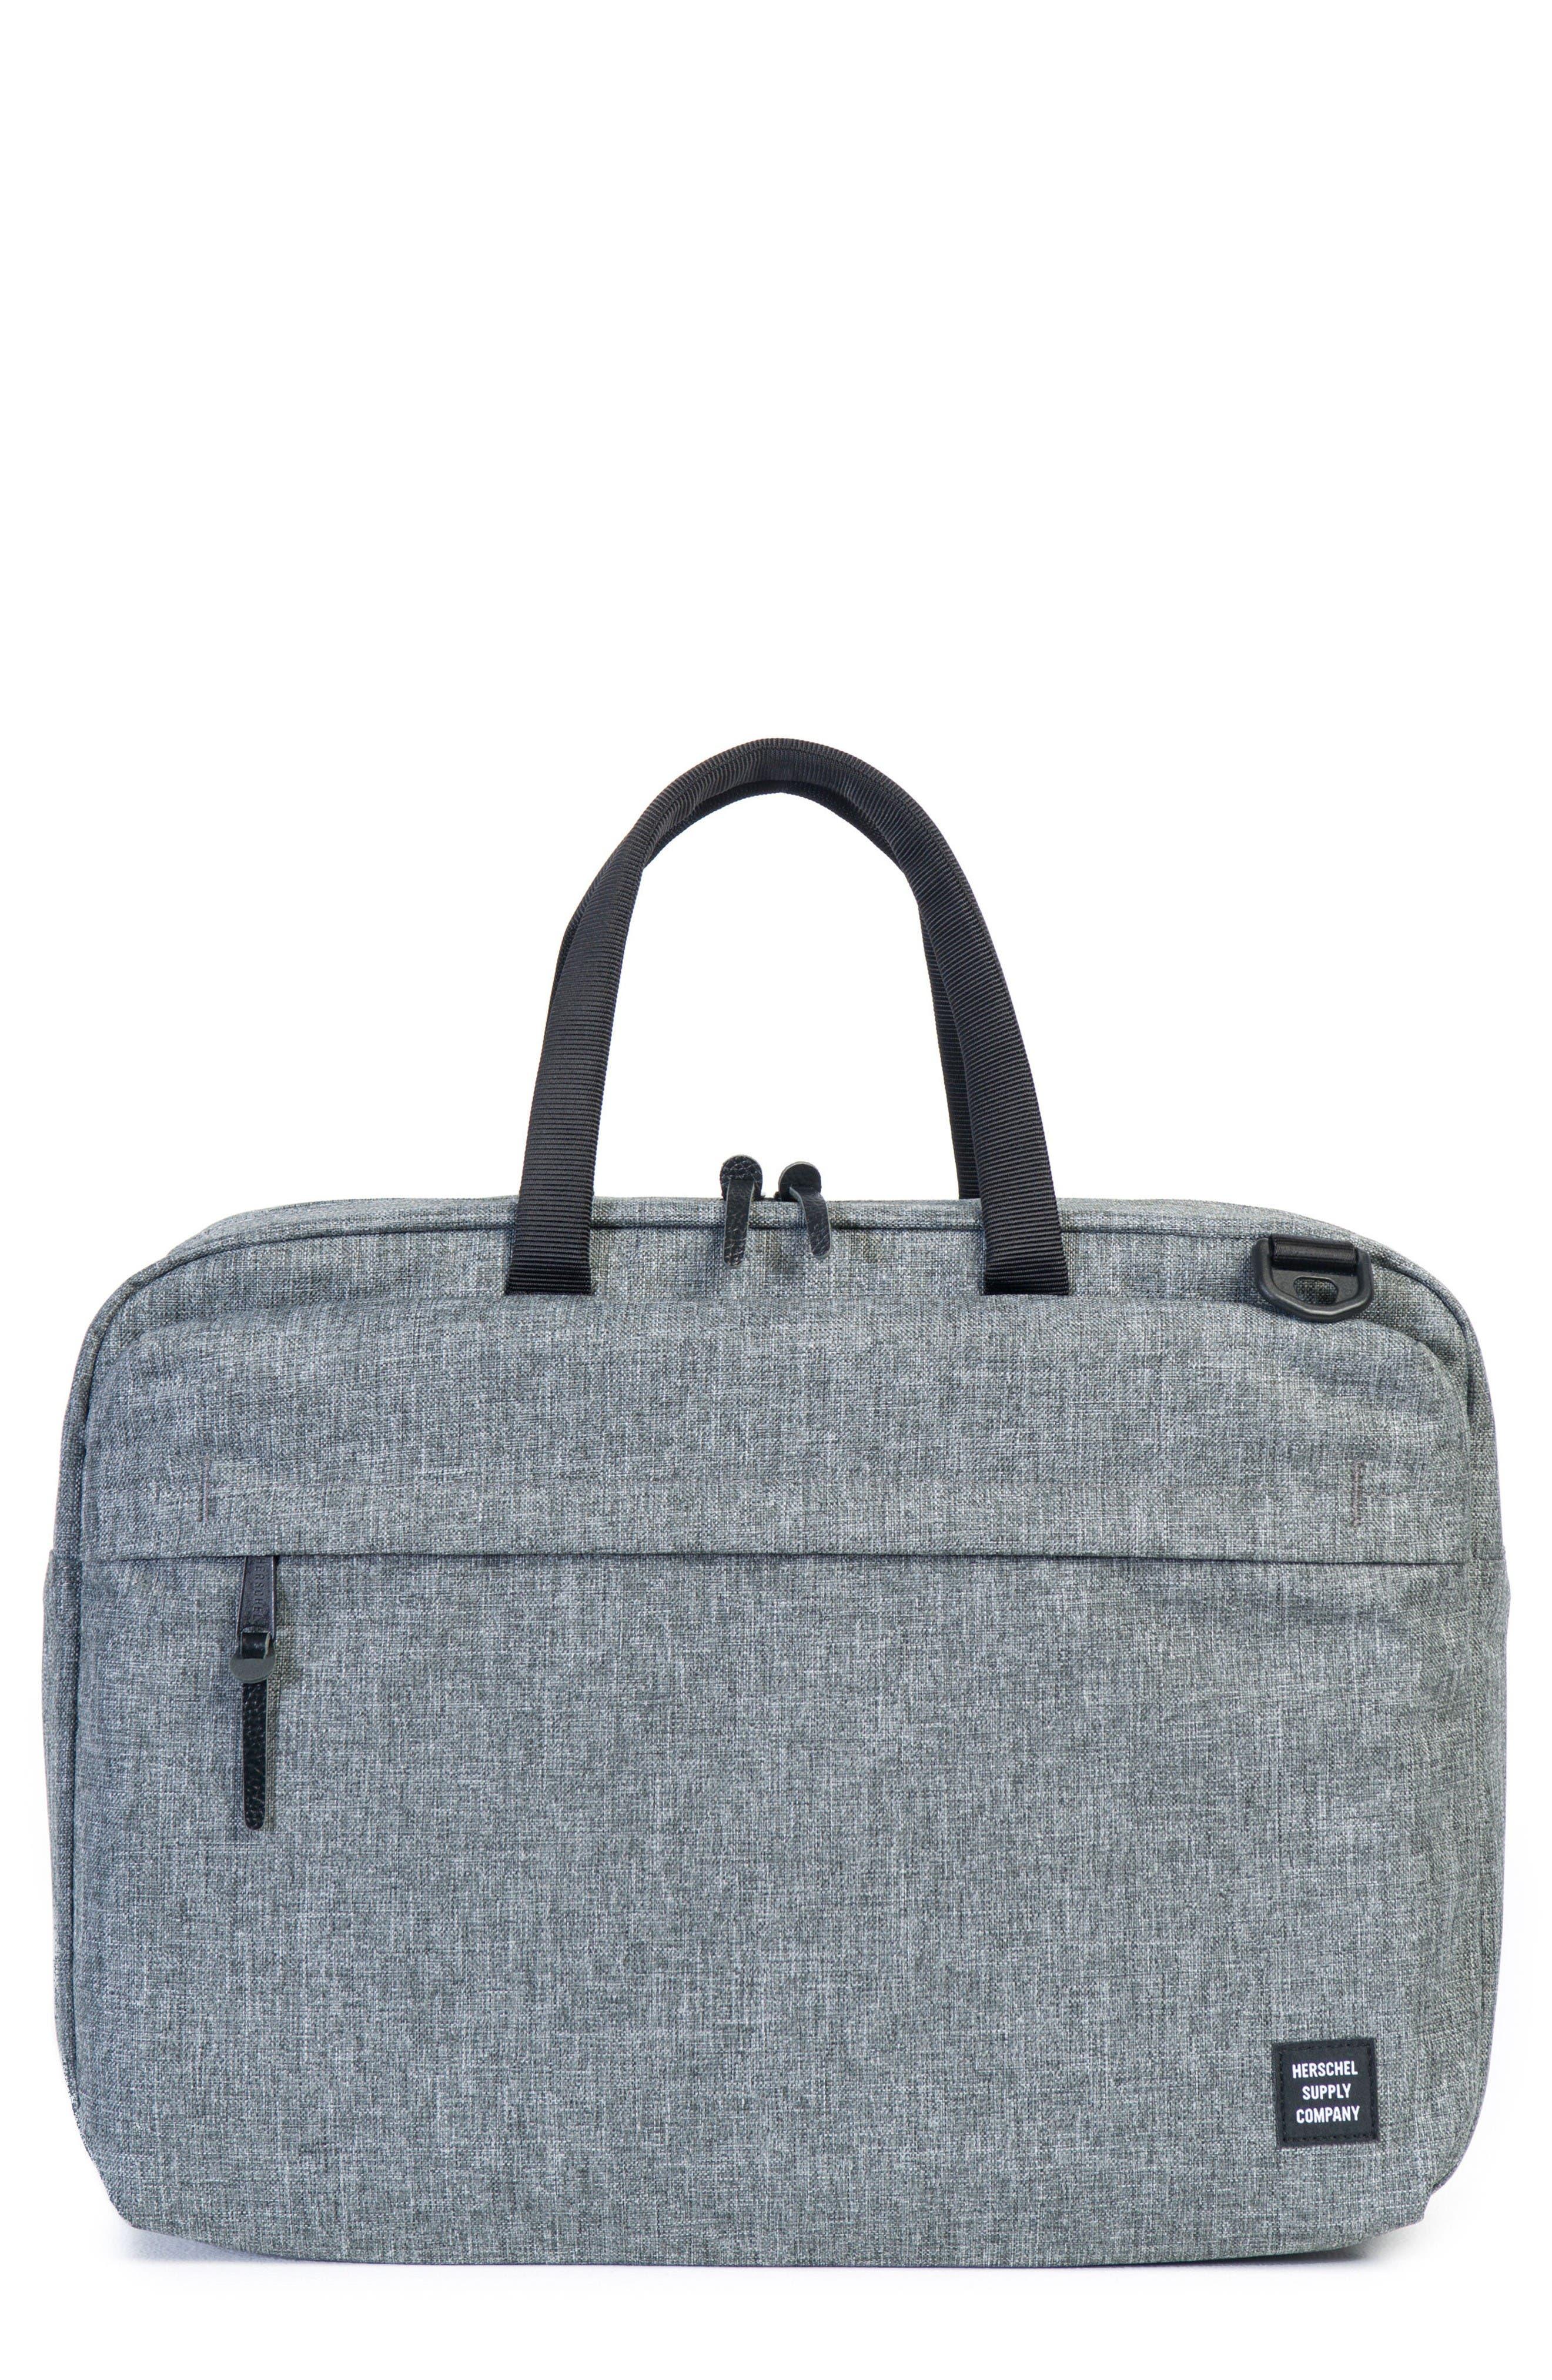 Main Image - Herschel Supply Co. Sandford Messenger Bag